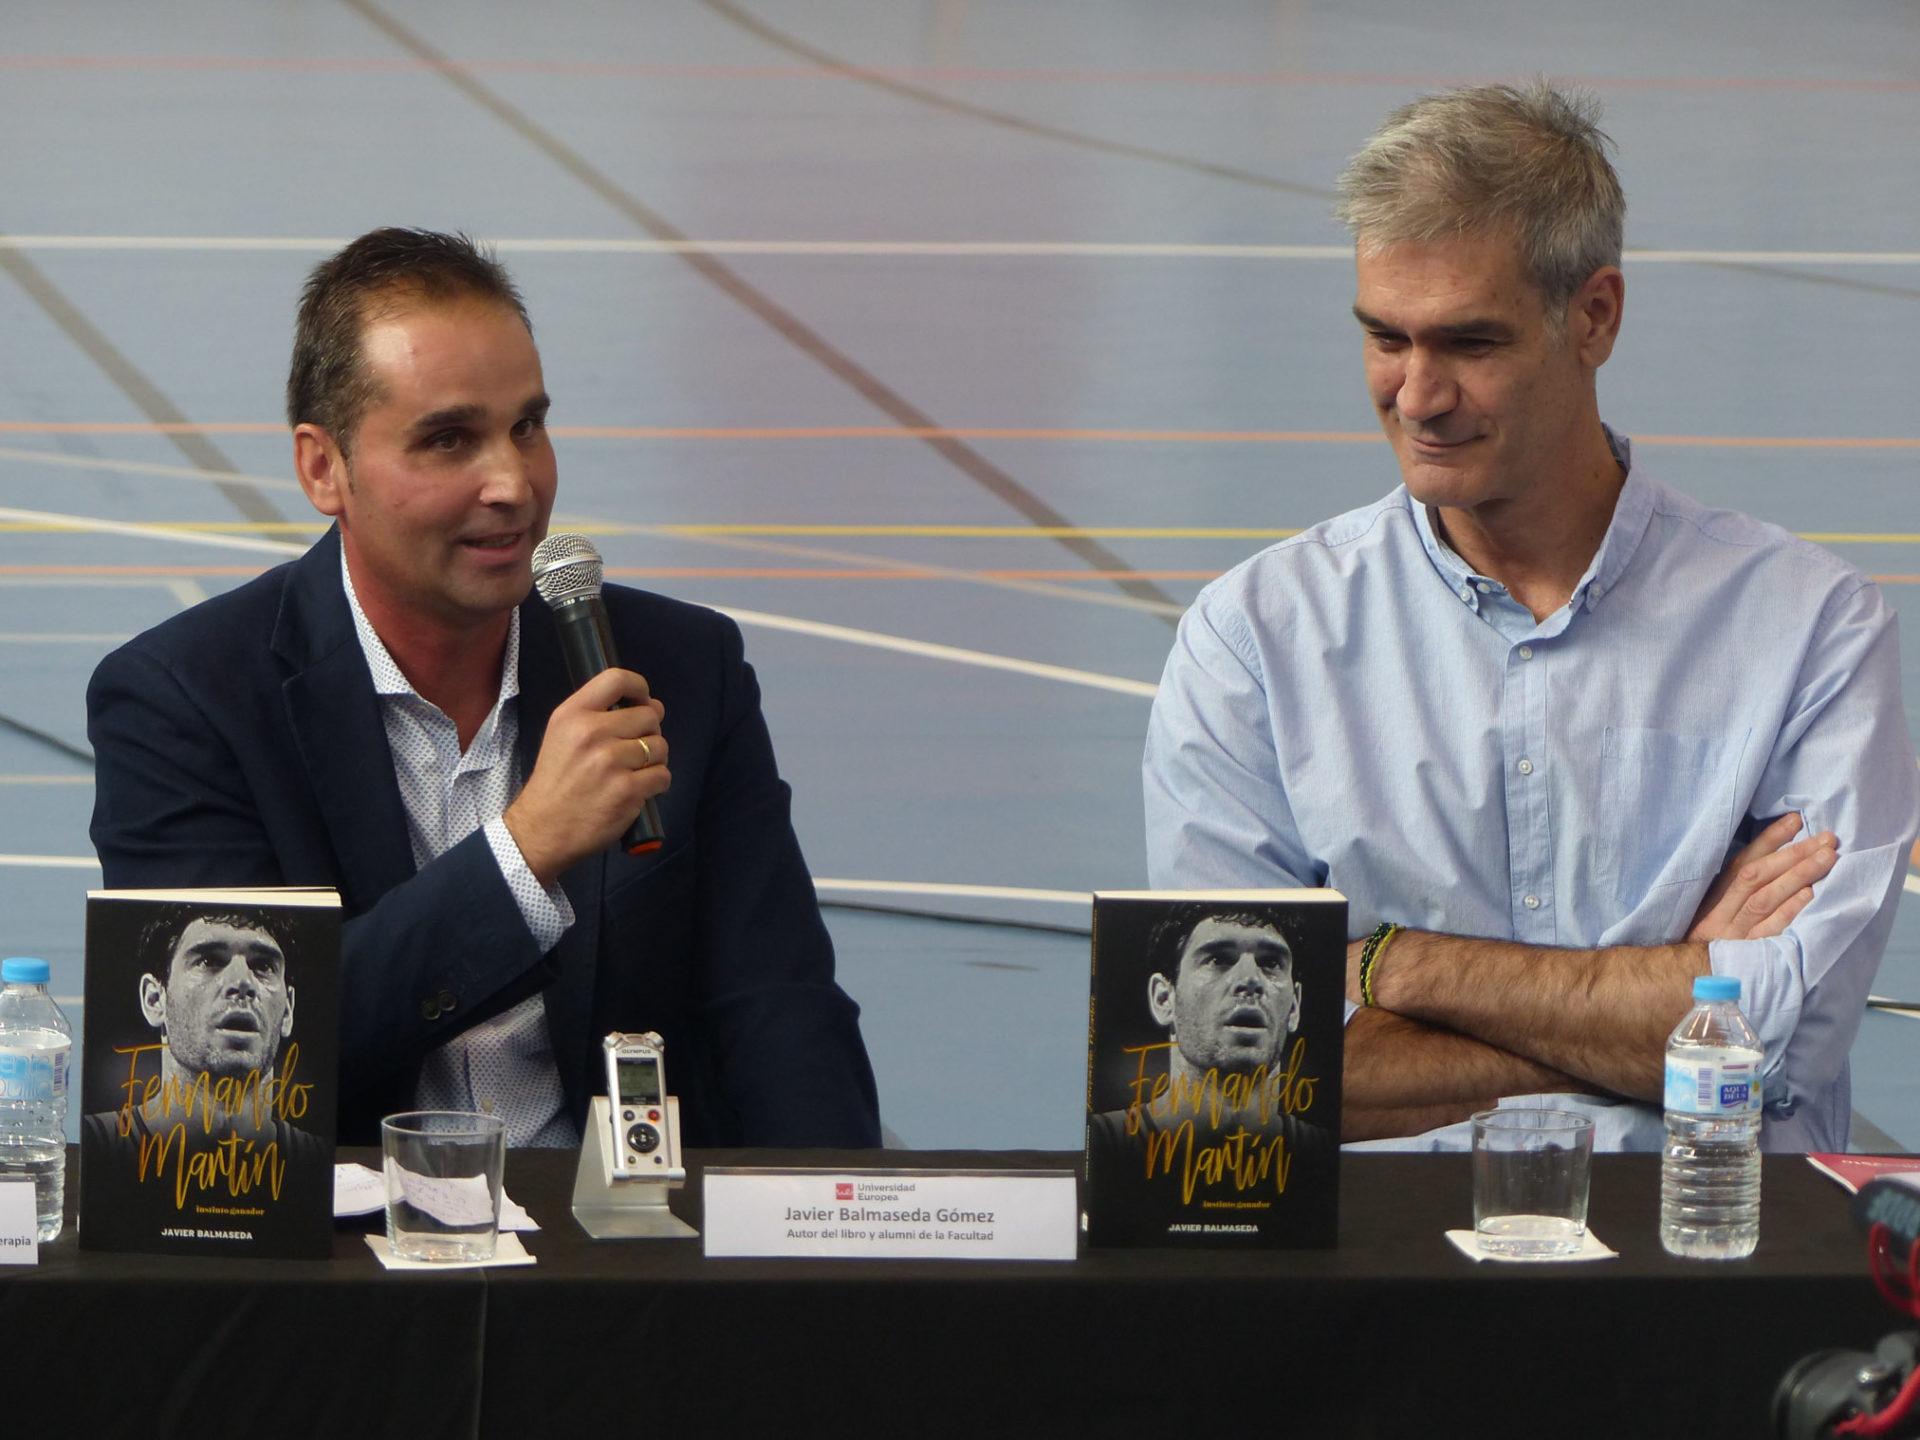 Fernando Martín, inconformista y ganador. Entrevista a Javier Balmaseda.